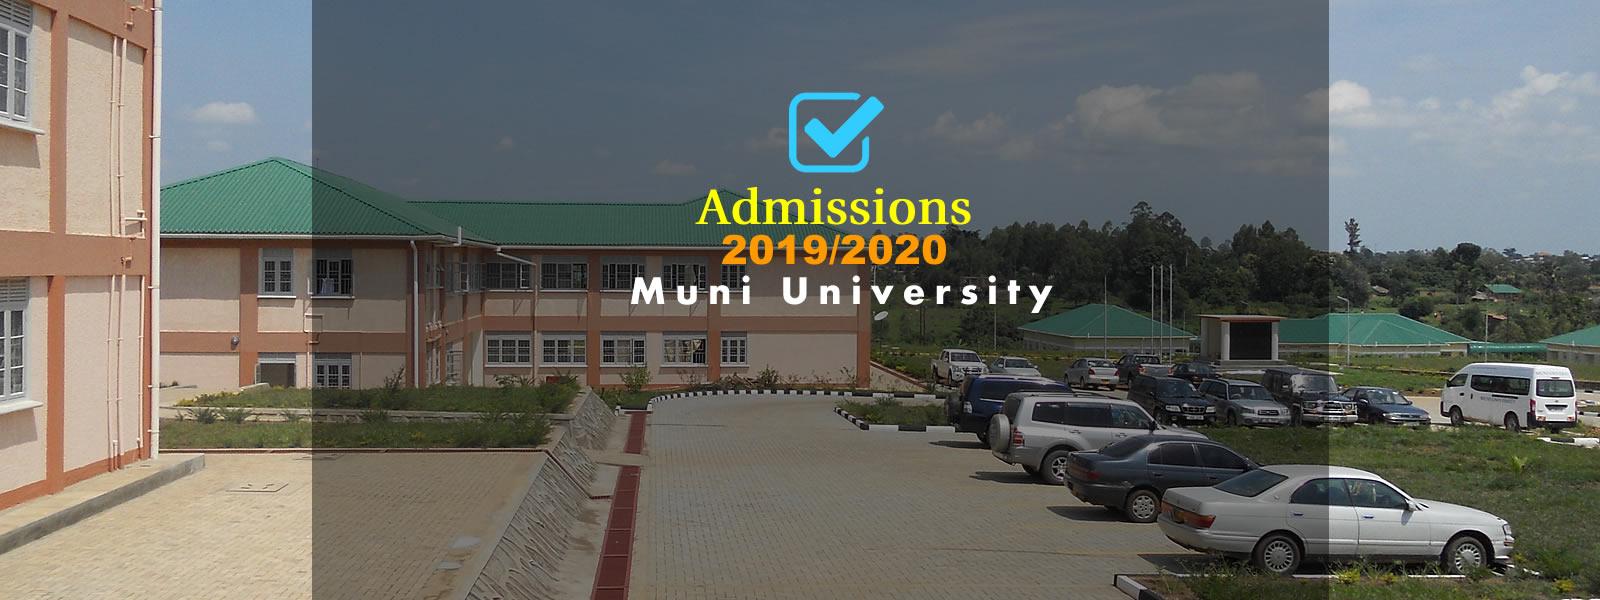 2019admission-muni